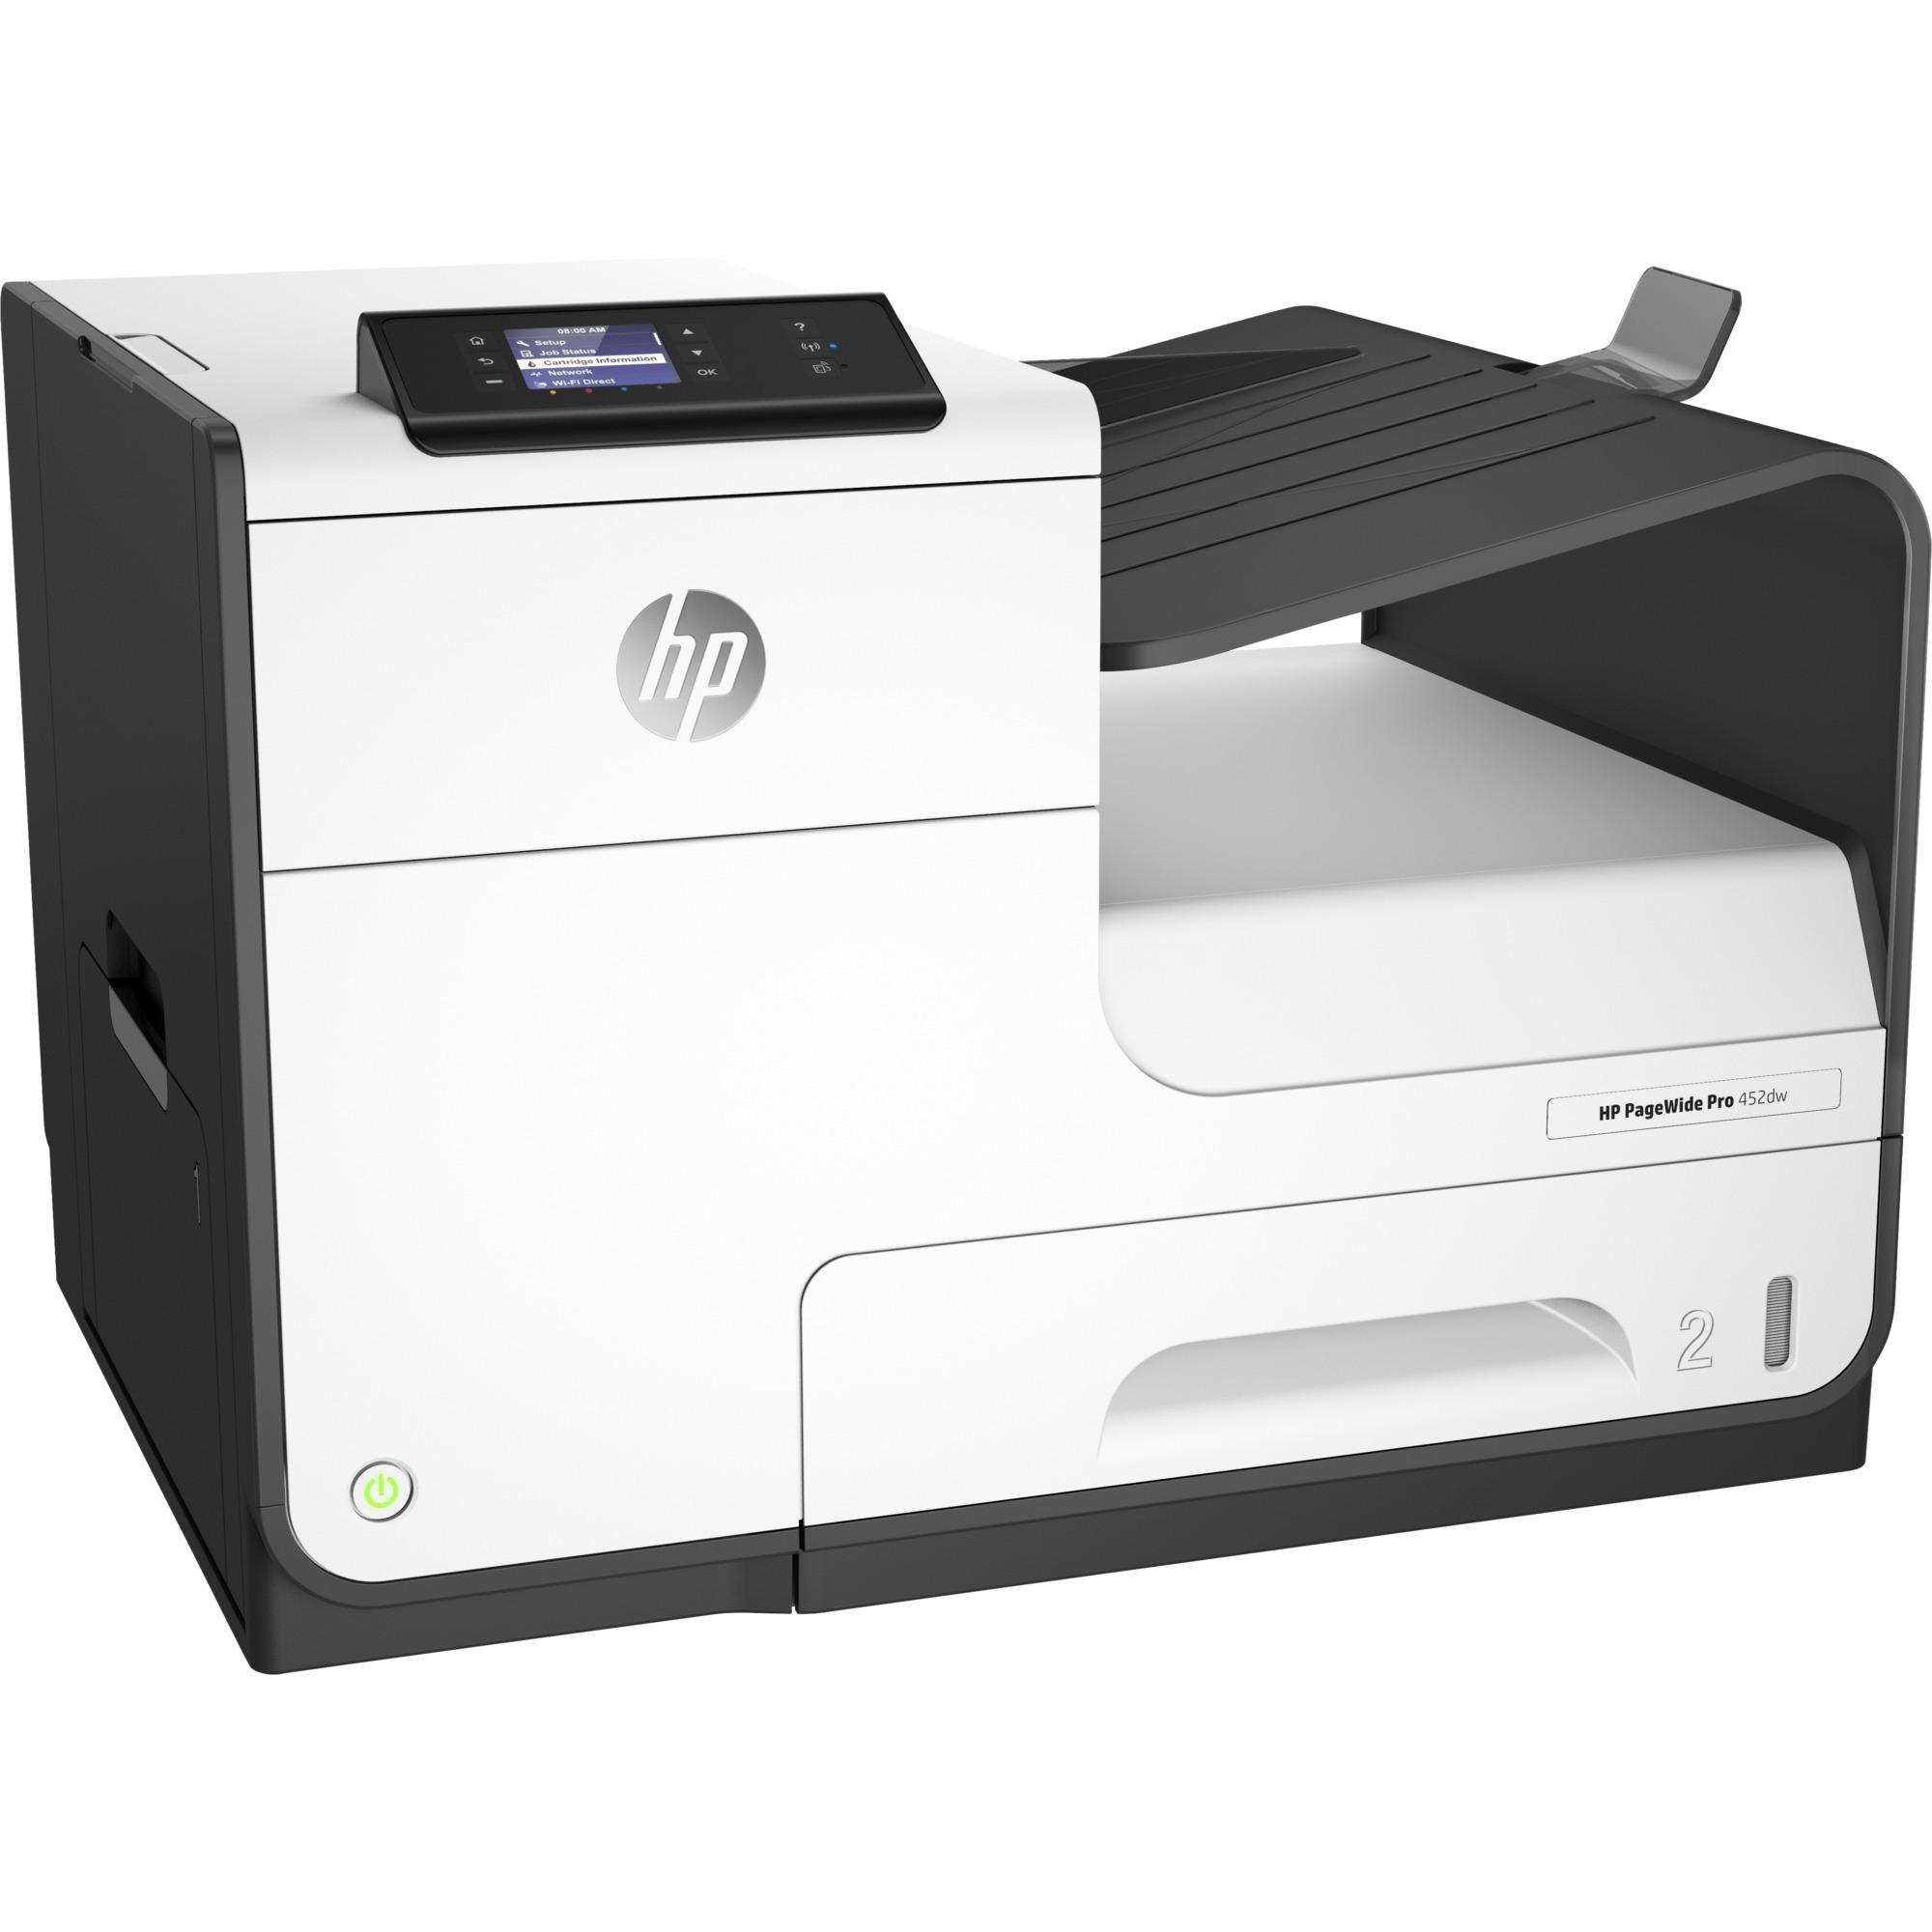 PageWide Pro Imprimante Pro 452dw, Imprimante jet d'encre